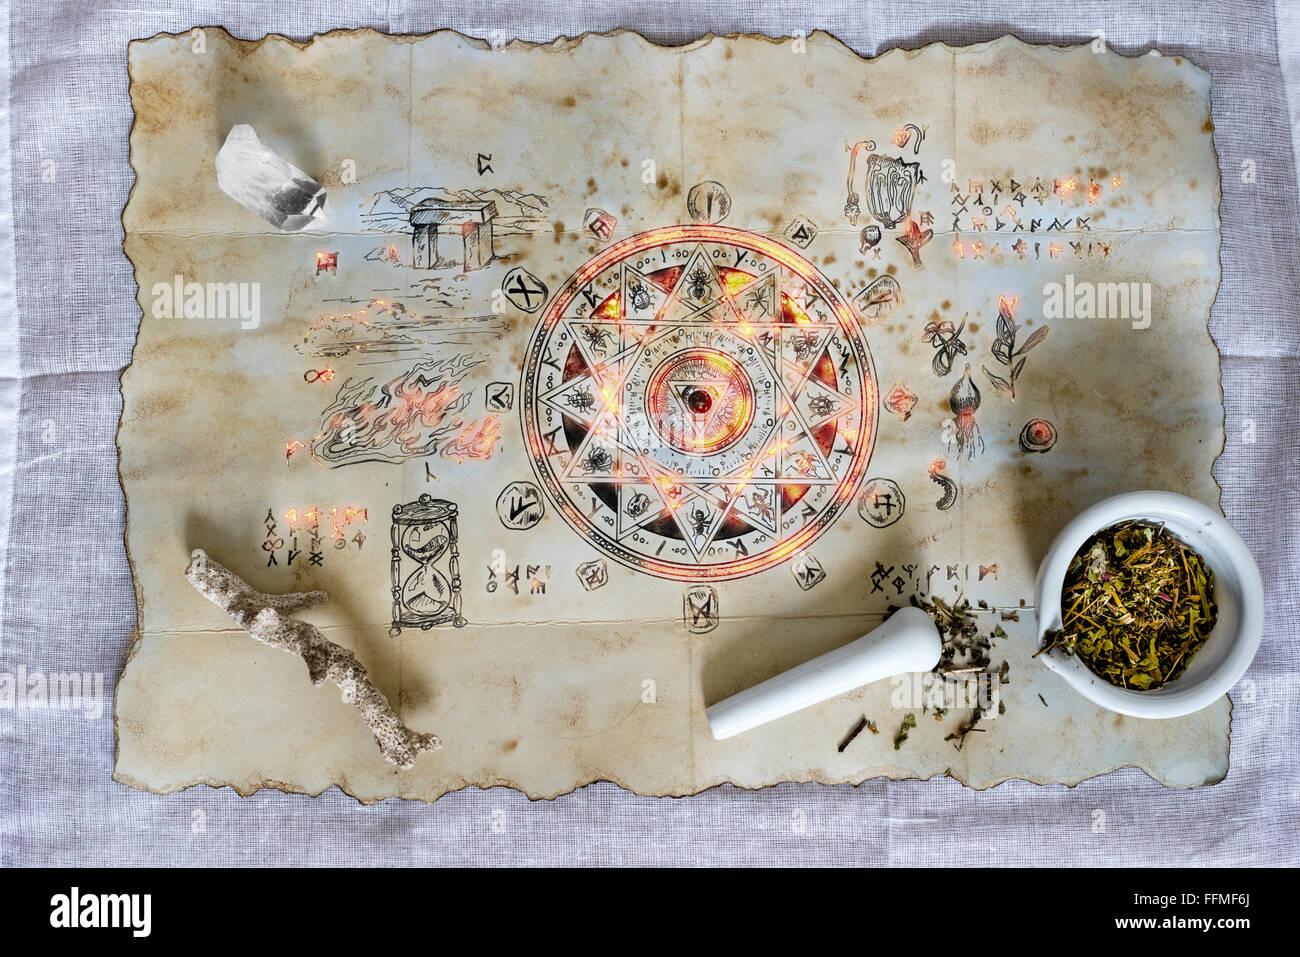 Zauberspruch aussenden eine geheimnisvolle Aura verzaubert Stockbild